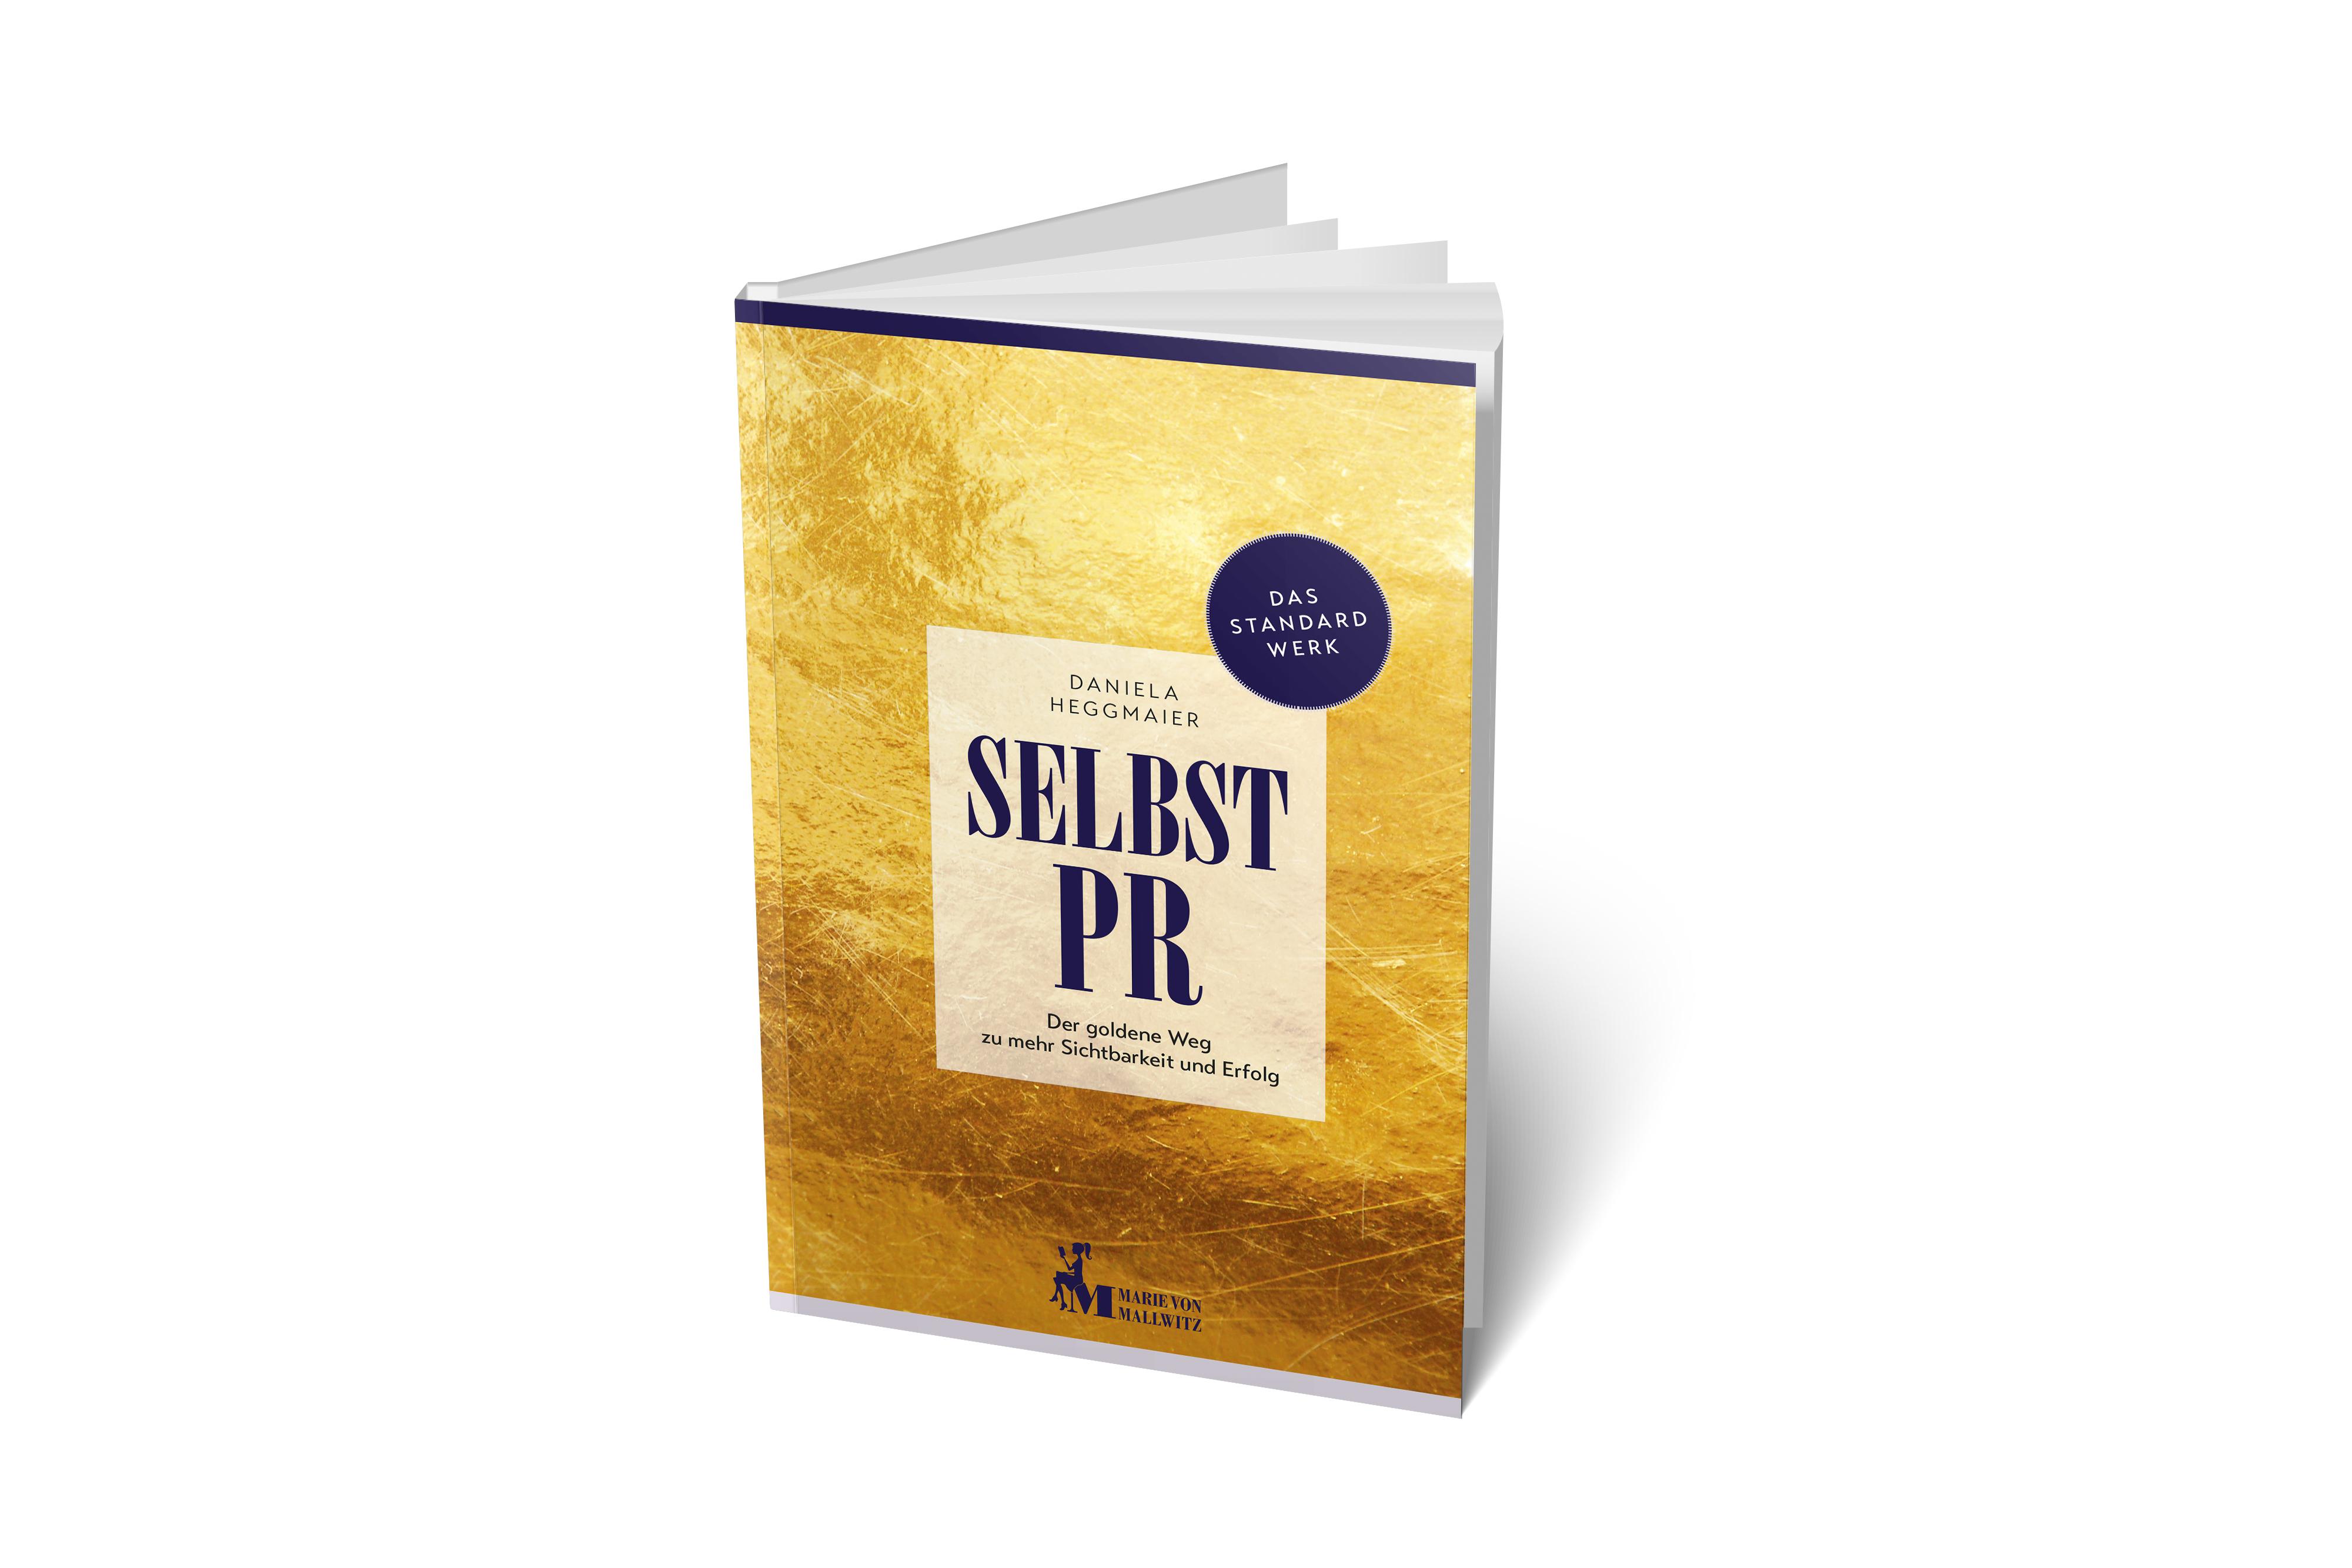 Buch Online Sichtbarkeit Selbst-PR Daniela Heggmaier